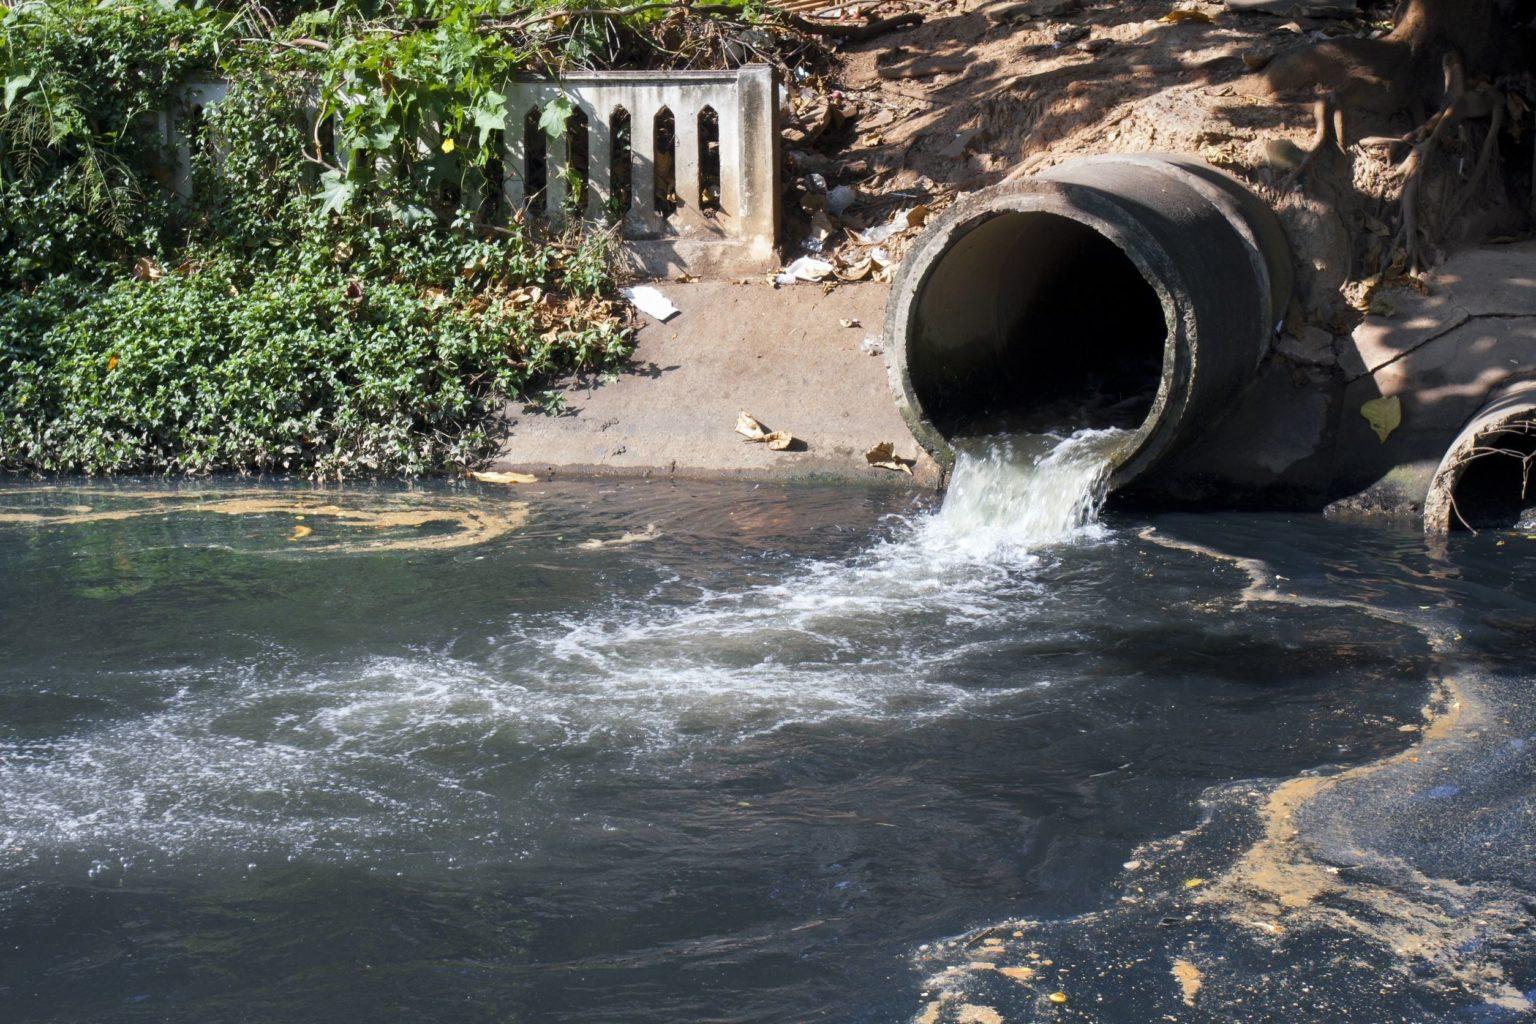 разработка ндс в водный объект